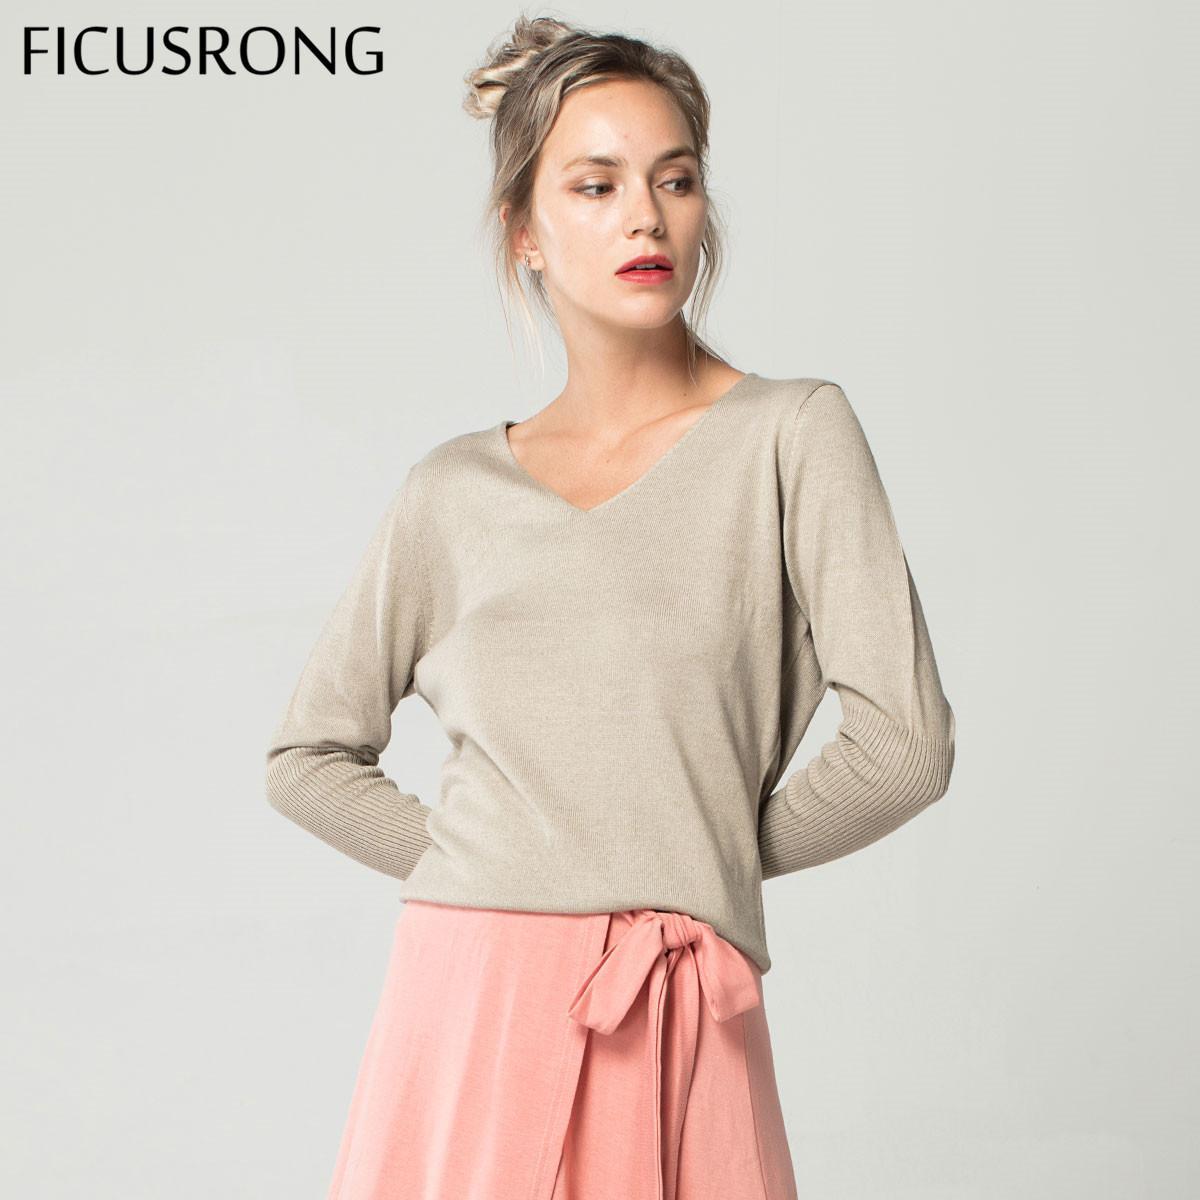 Frühling und Herbst Damen mit V-Ausschnitt Kaschmir-Pullover lose Art und Weise plus Größe 4XL Solidee Frauen Wolle Bitten Pullover Pullover FICUSRONG T200319